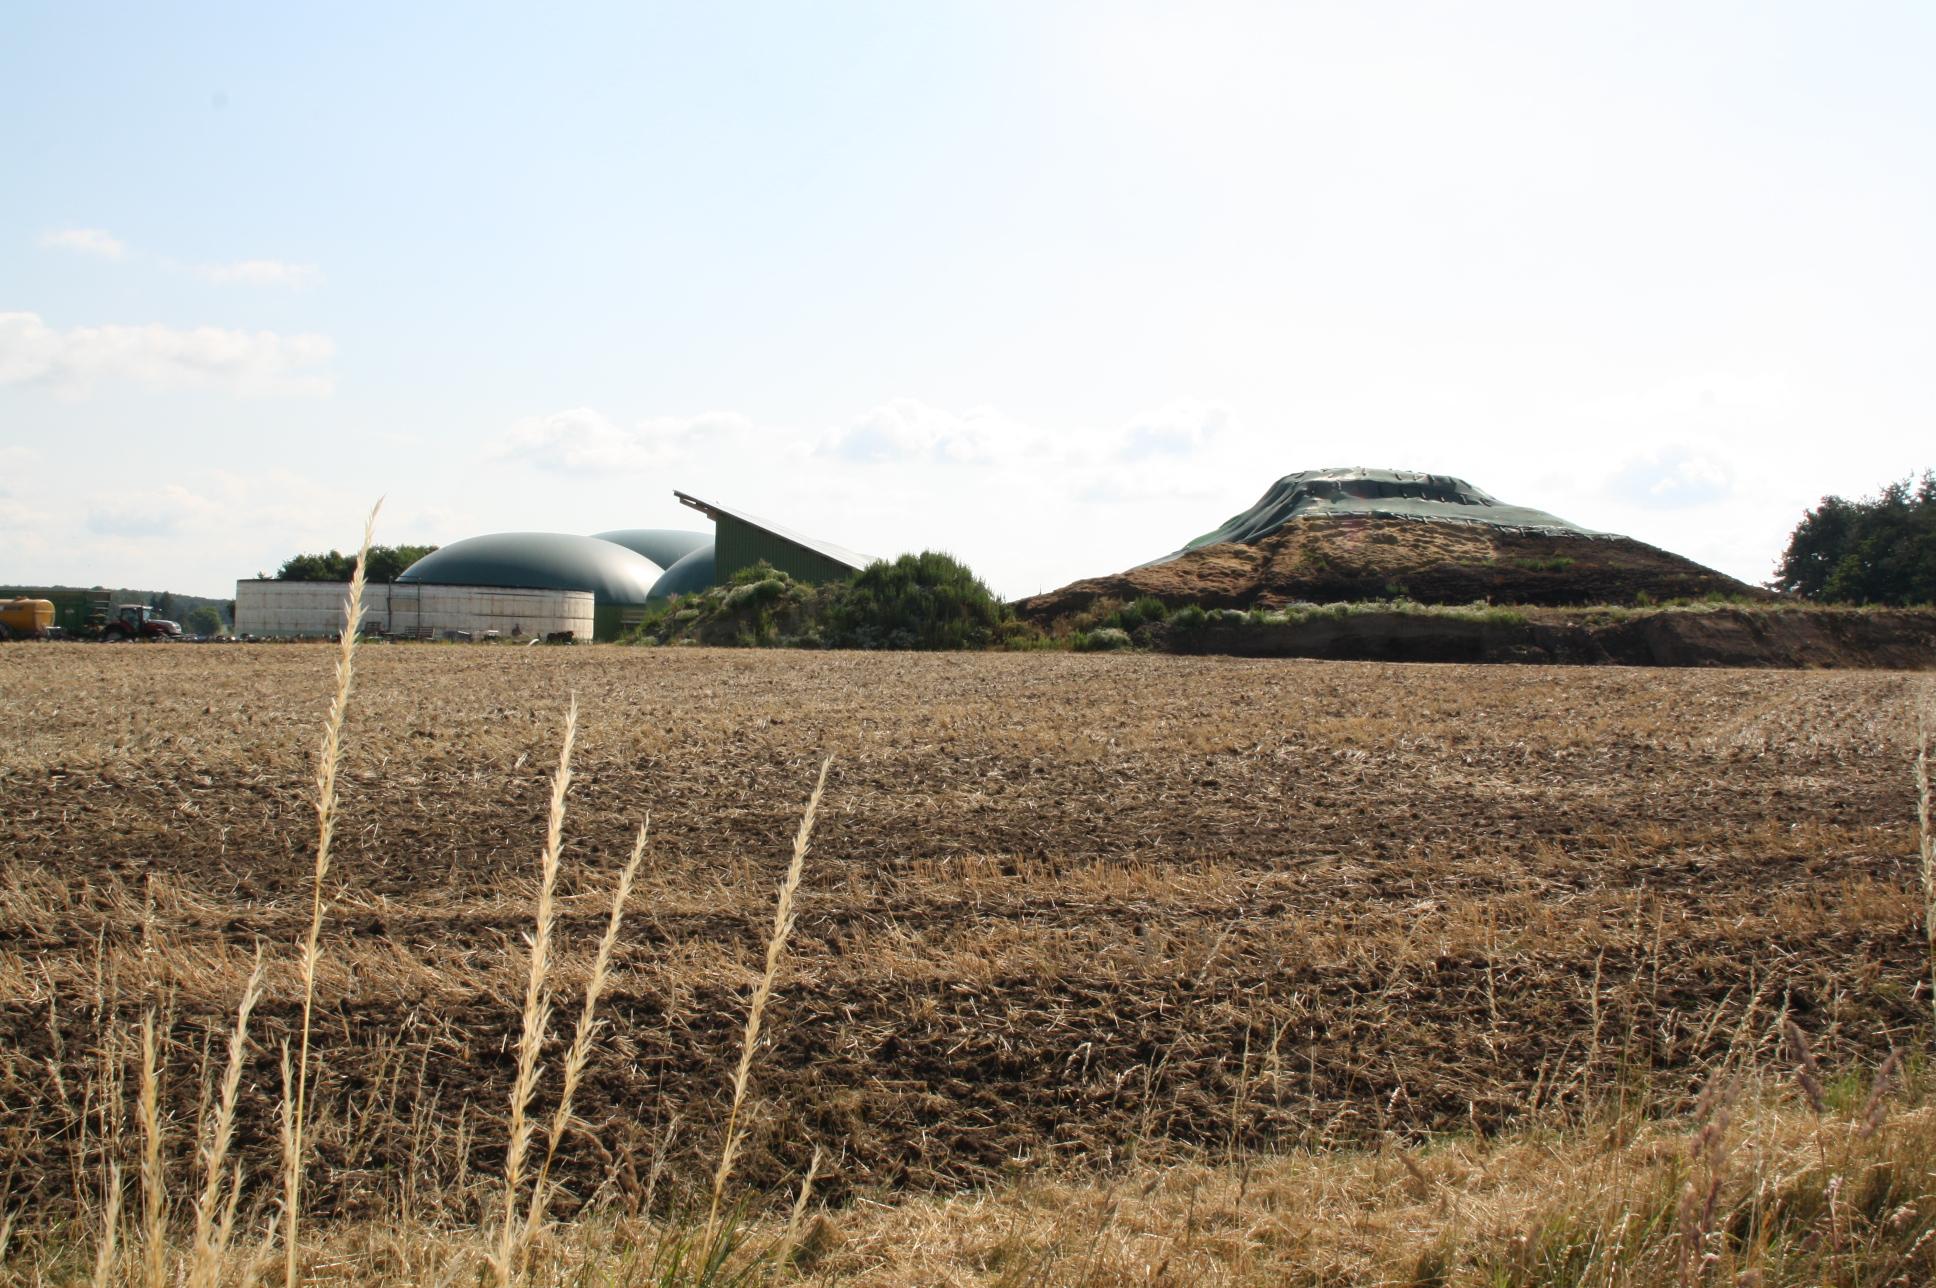 Die Biogasanlage westlich Kairlindach: Die Siloplatte für die Substrat-Lagerung (rechts) soll Richtung Grabenrand im Vordergrund verlängert, die Höhe gemindert werden. Zu den inzwischen fünf Gärbottichen werden weitere hinzu kommen, auch die Halle wird verlängert.